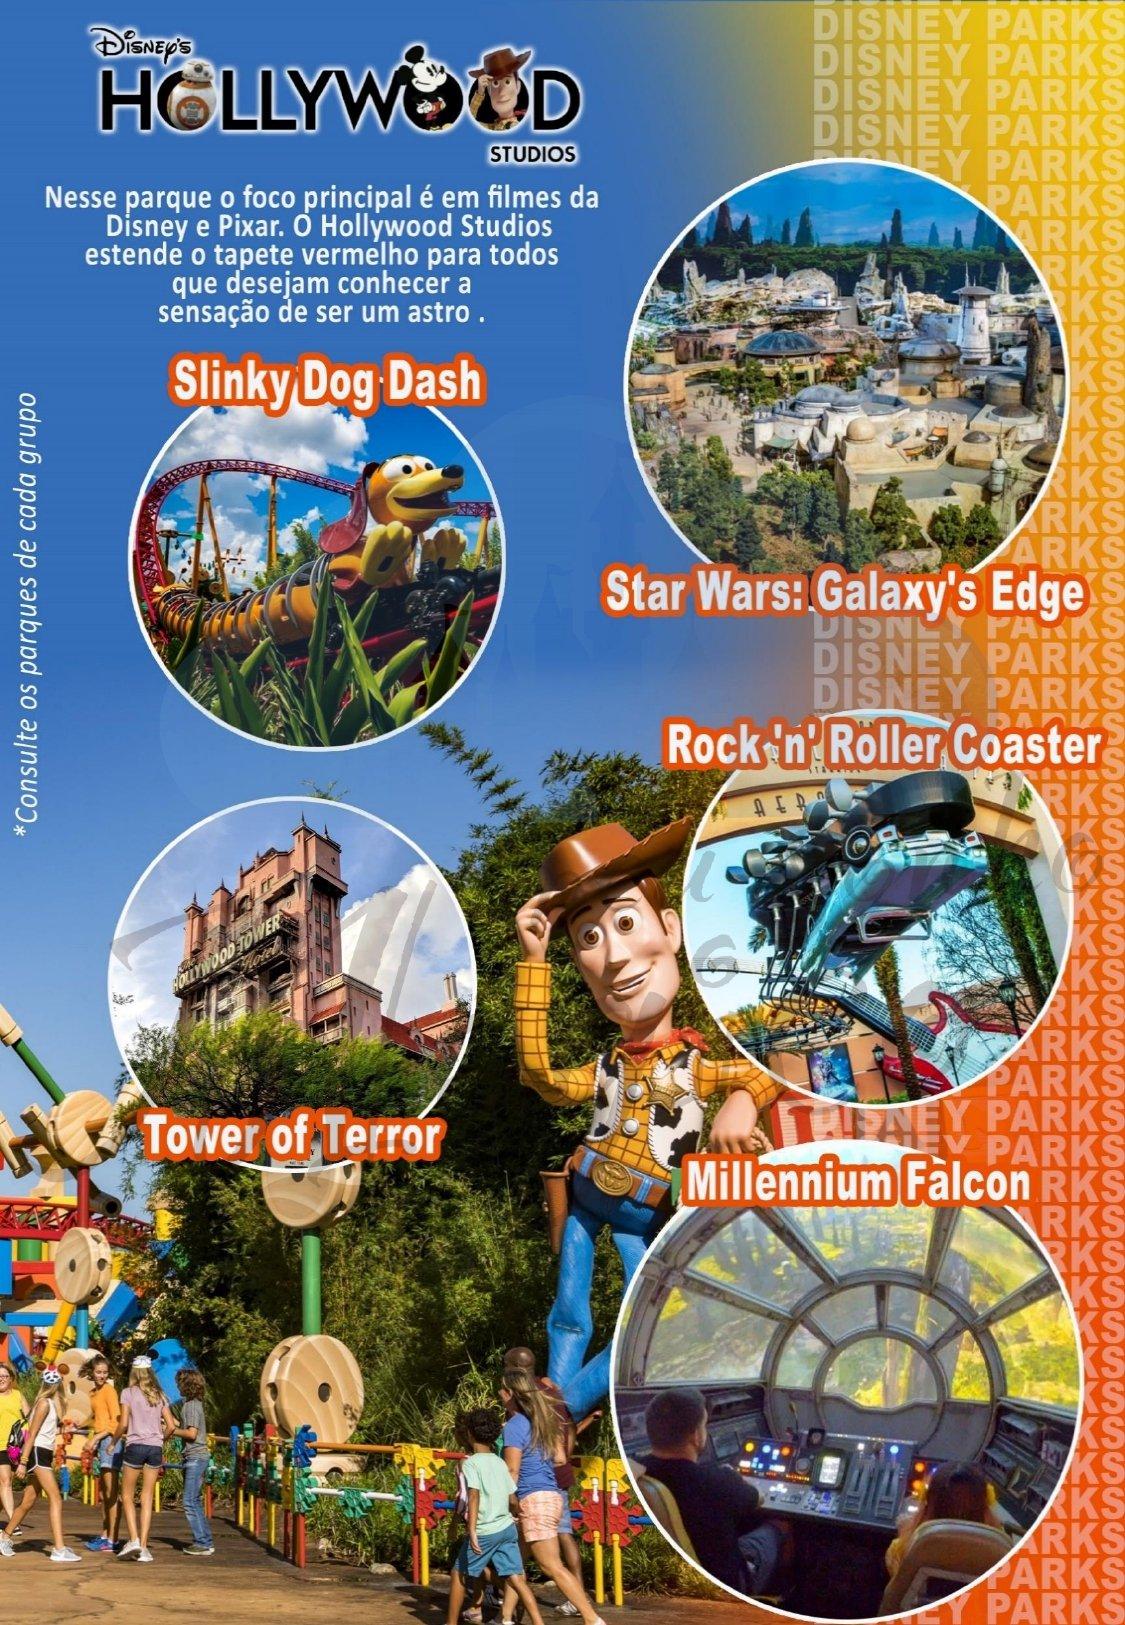 Grupo Teen Verão - Disney Julho 2022 3